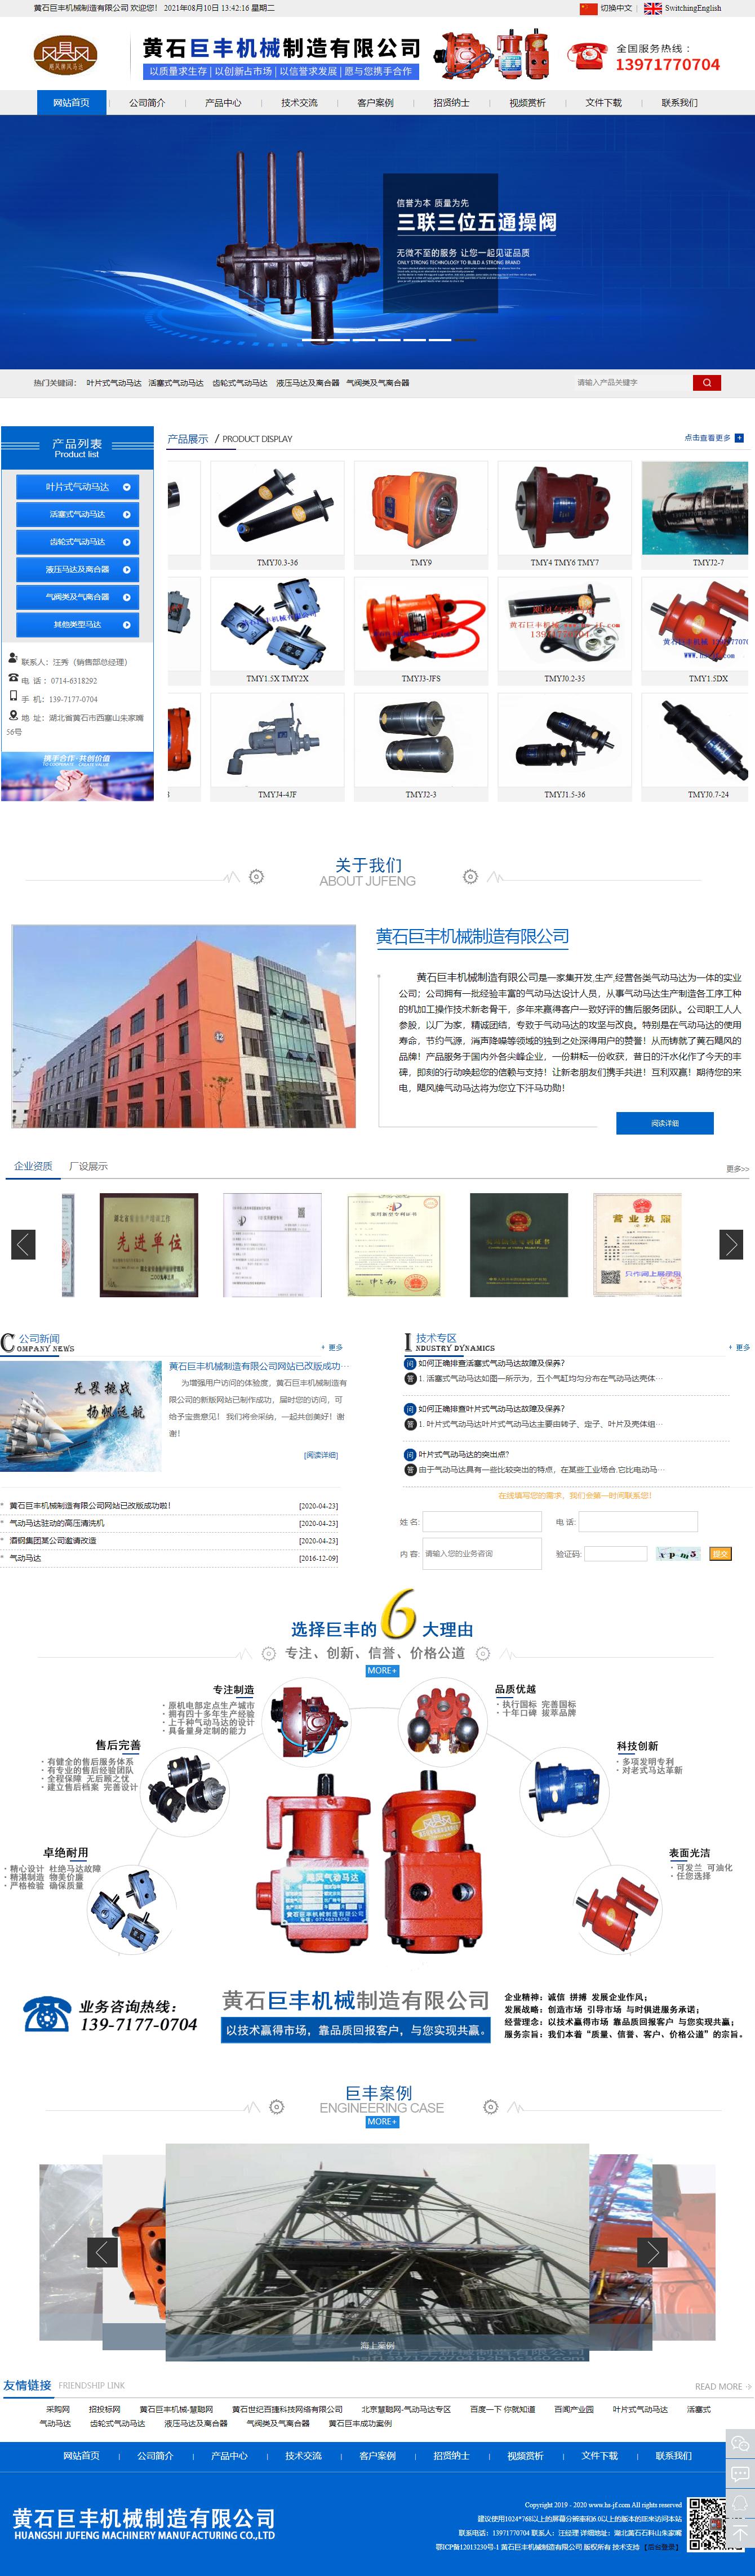 黄石巨丰机械制造有限公司网站案例